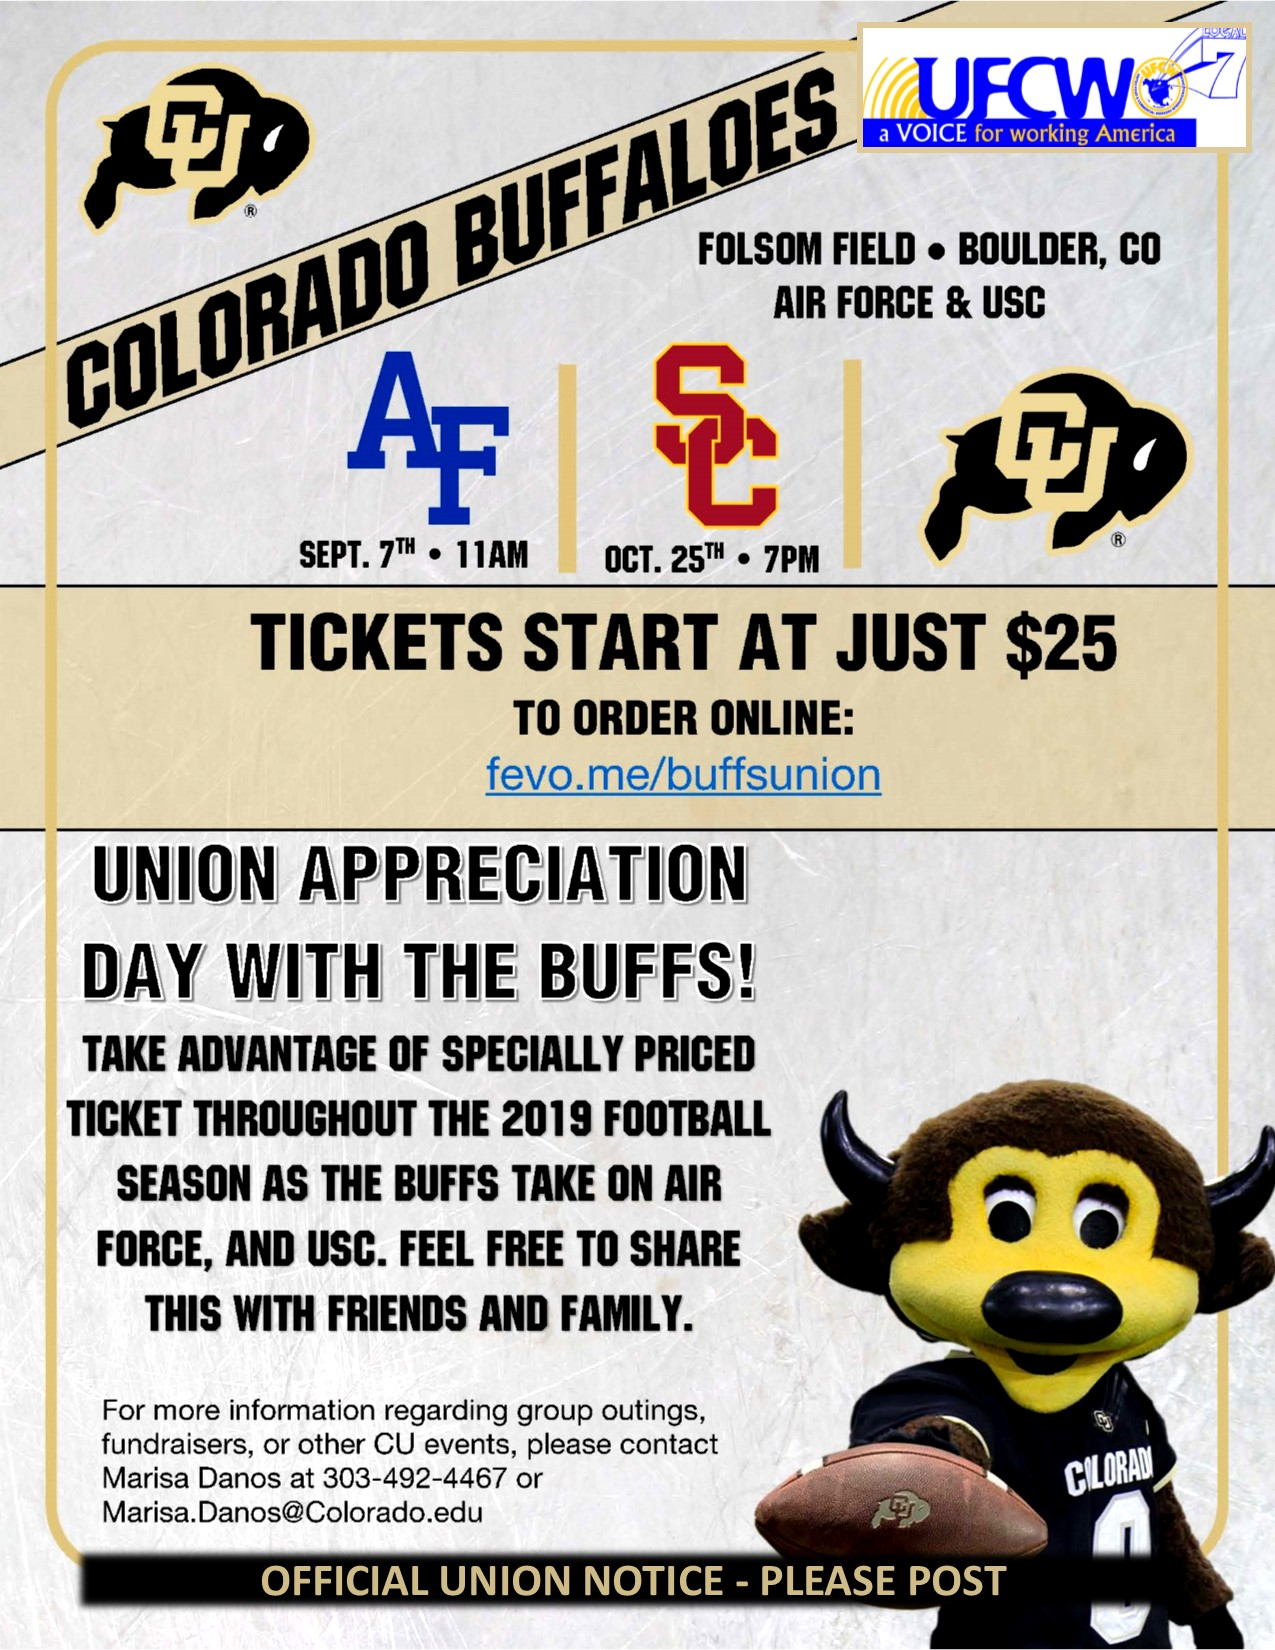 Colorado Buffaloes Union Appreciation Tickets!